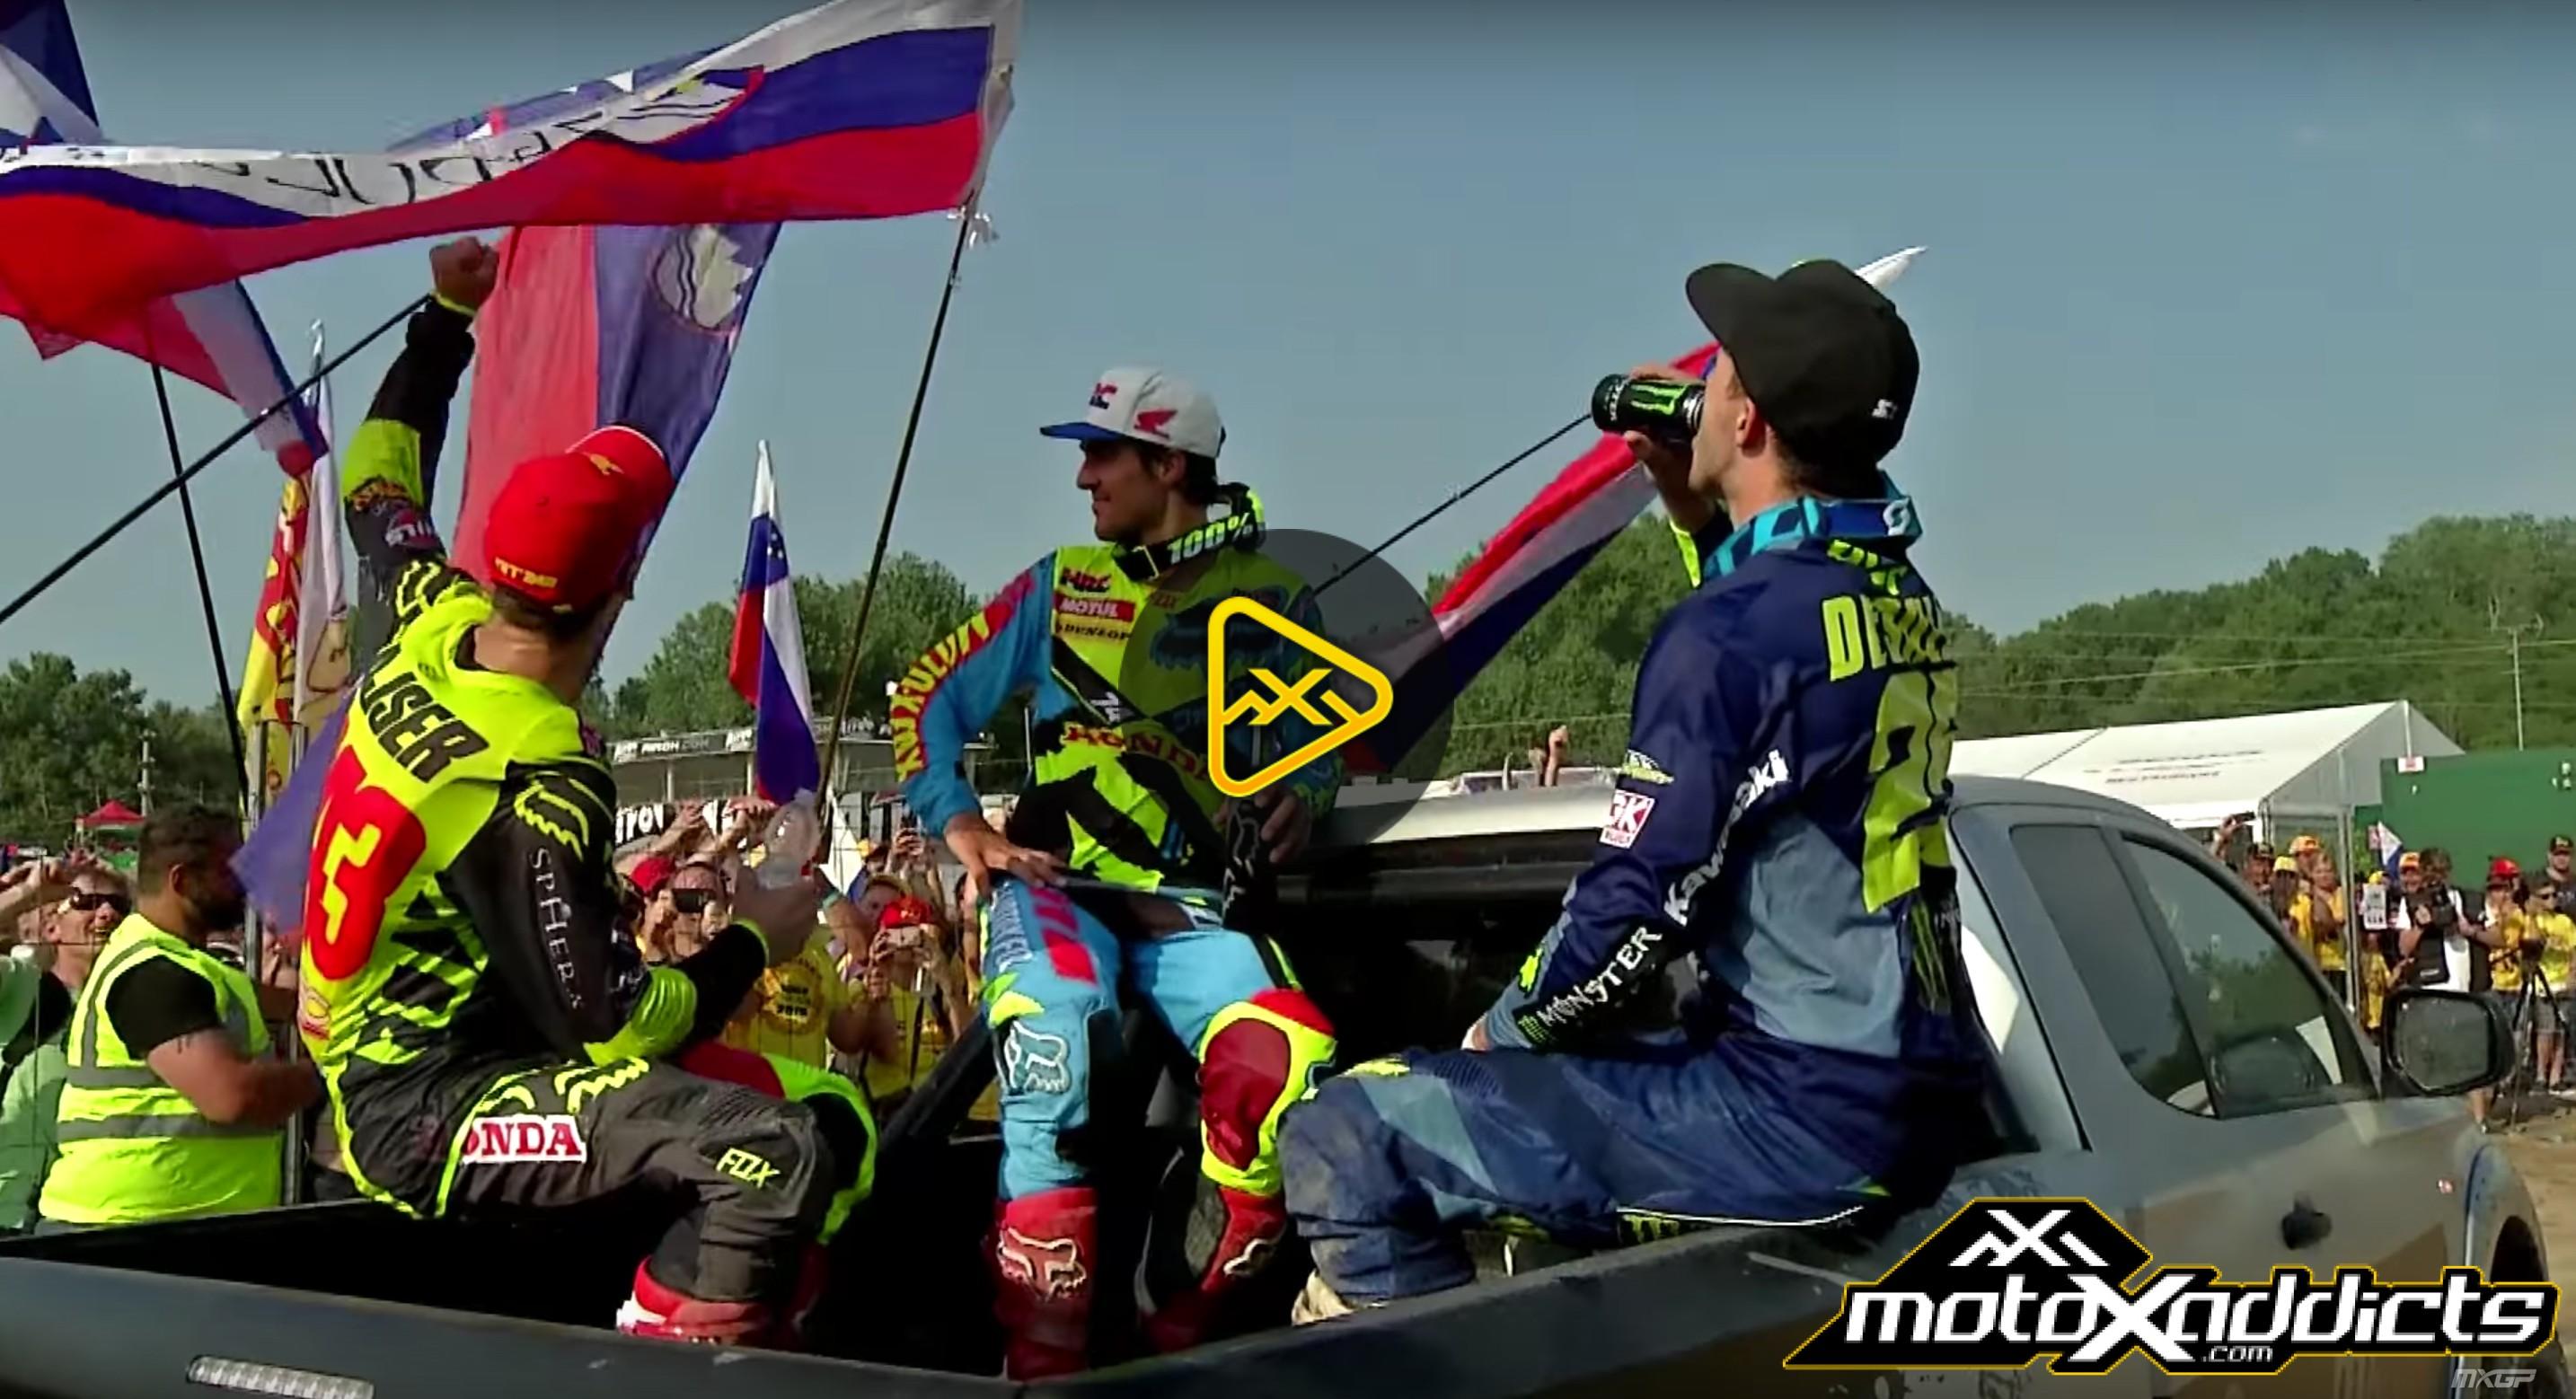 2016 MXGP of Lombardia-Italy Podium Chaos